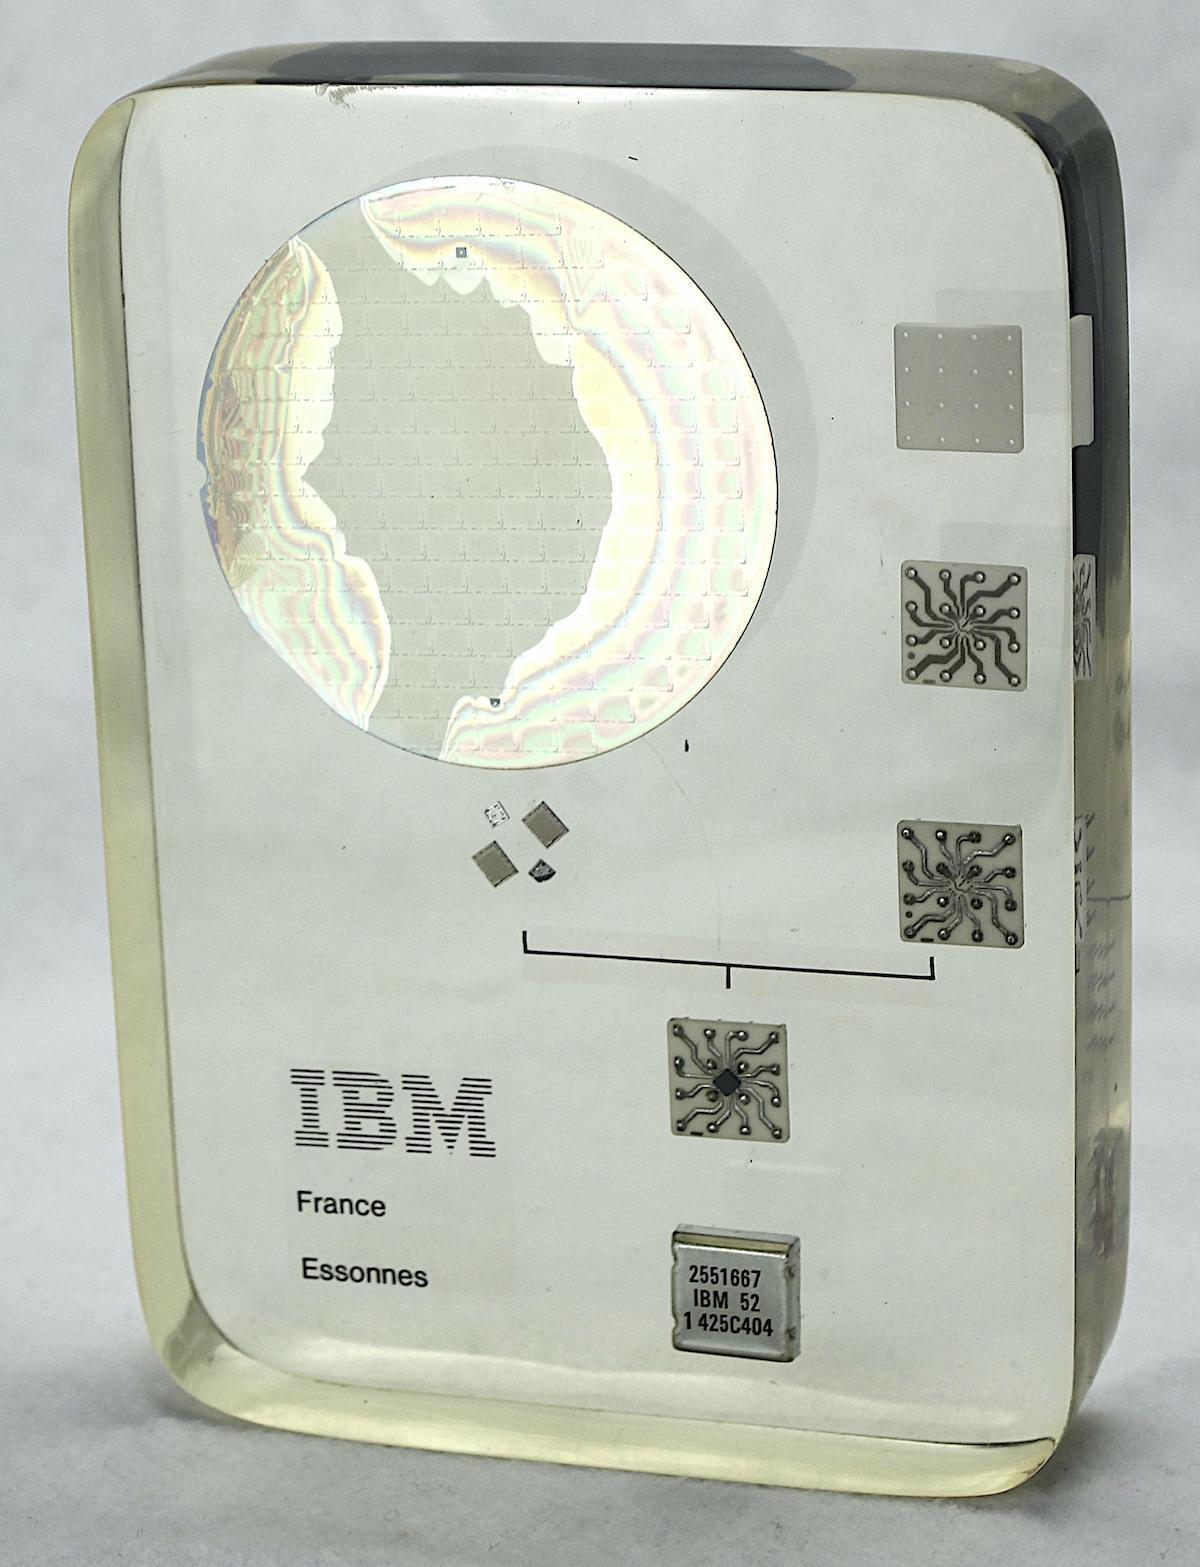 Разбираем пресс-папье от IBM: реверс-инжиниринг чипов памяти из 1970-х - 1